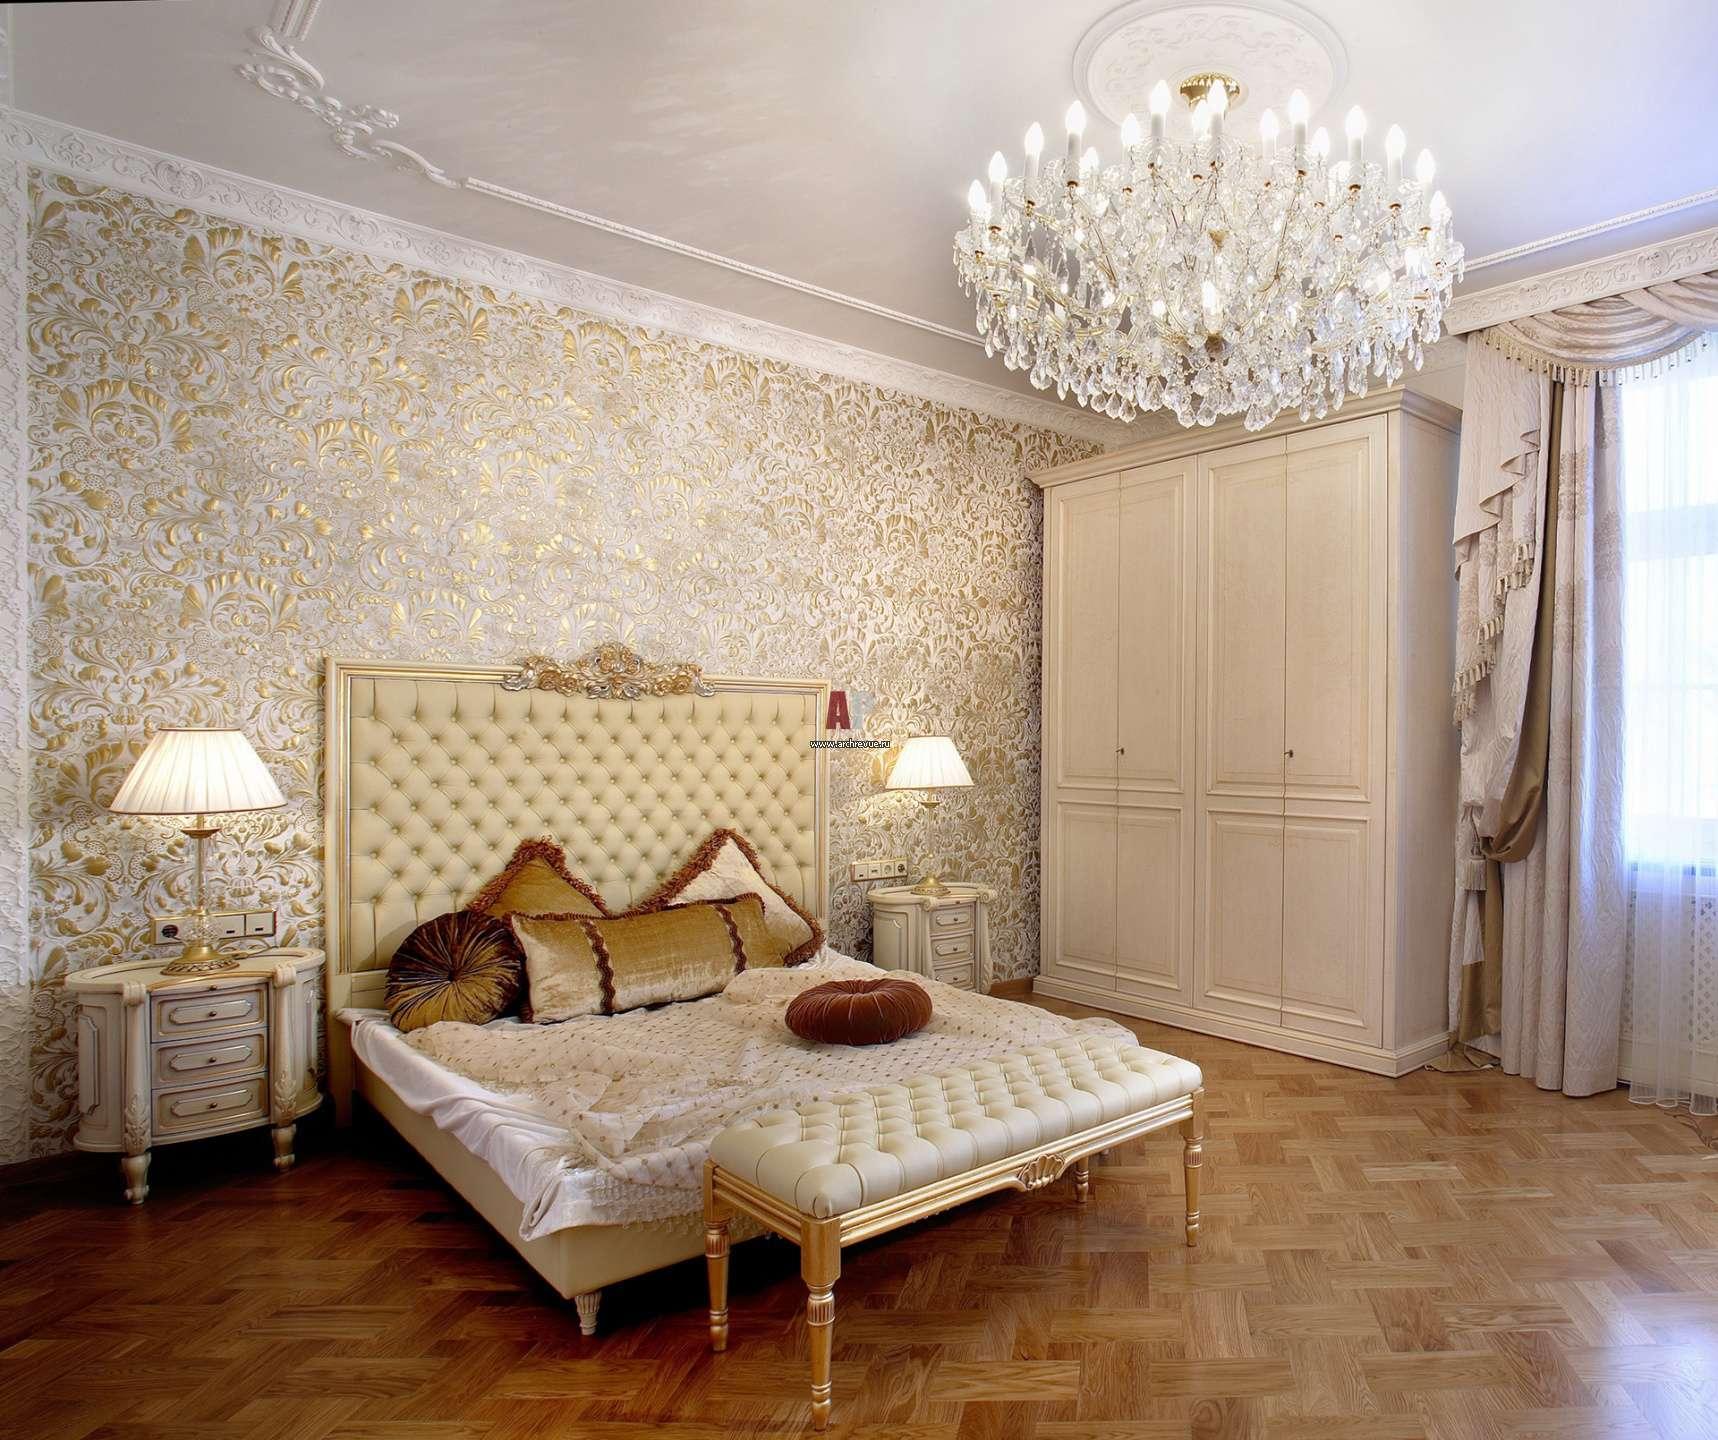 выбираем интерьер спальни и обои для завершения общей картины